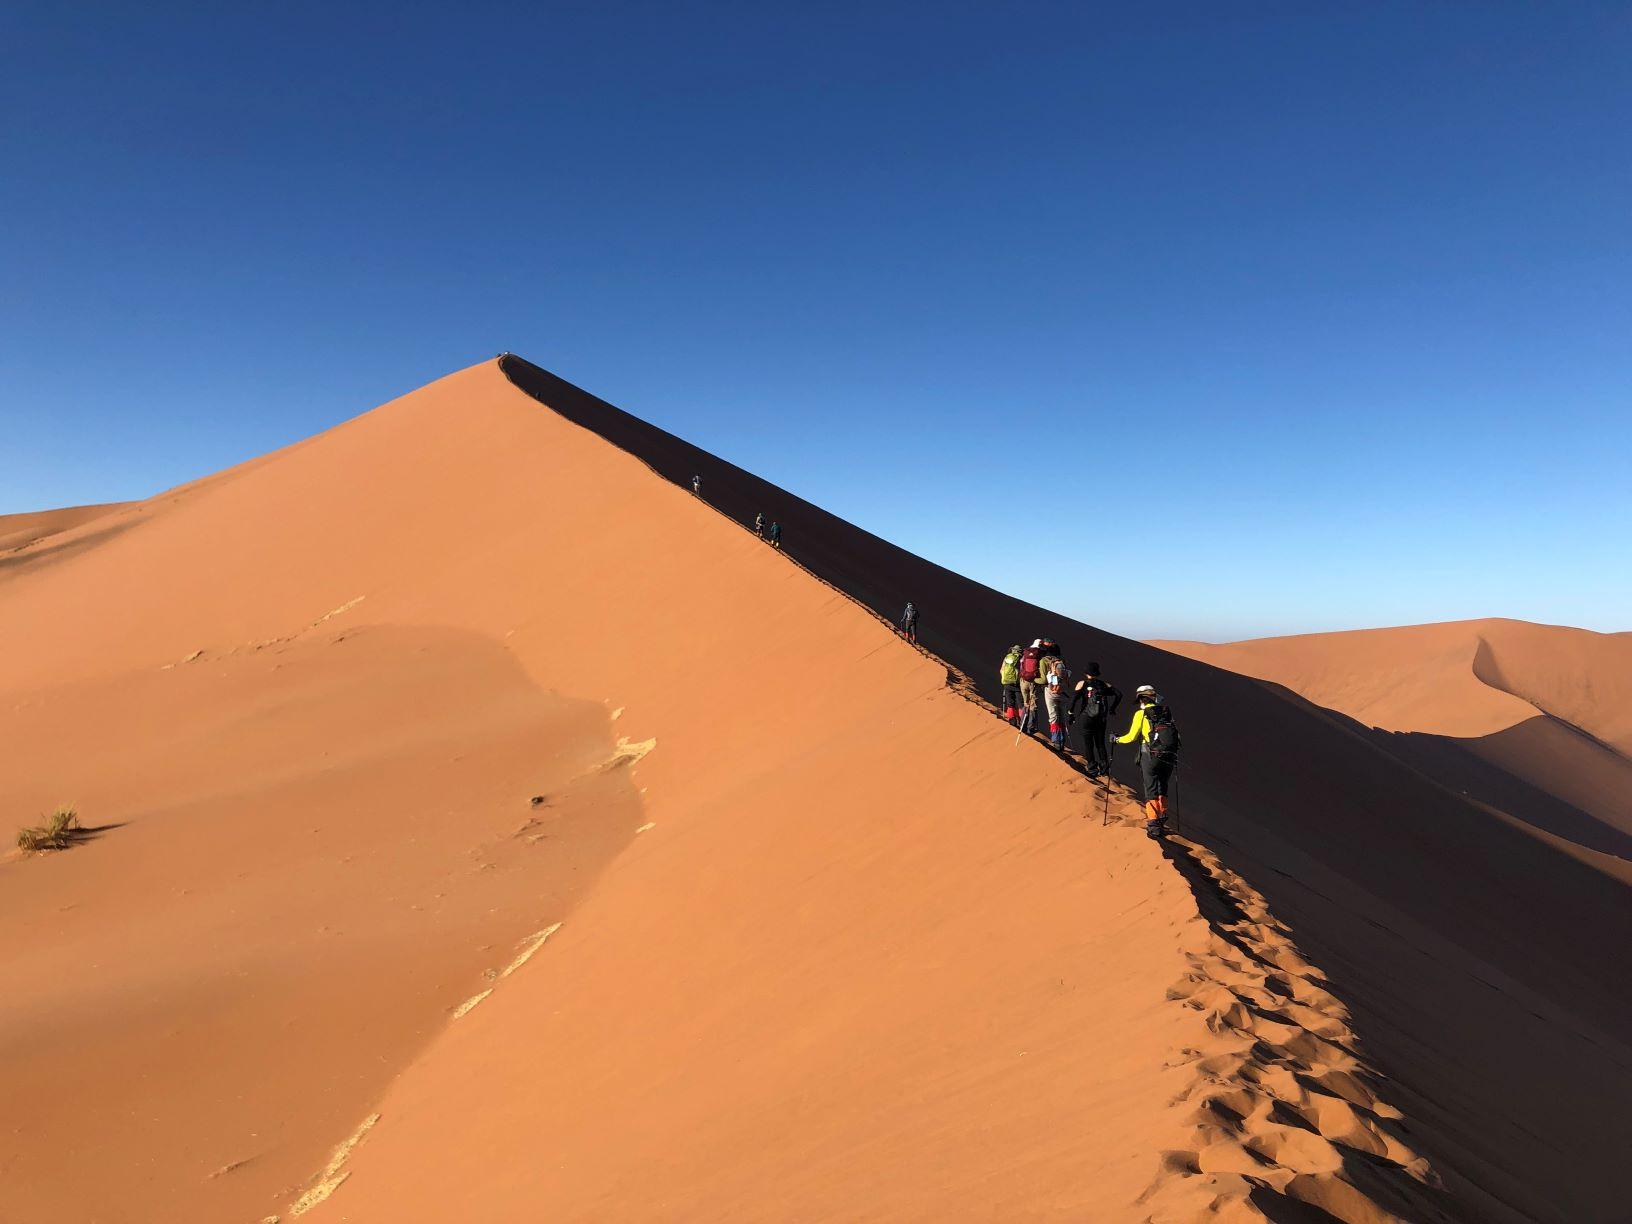 3月7日出発「南部アフリカ2つの世界自然遺産 ナミブ砂漠とケープ半島ハイキング 10日間」